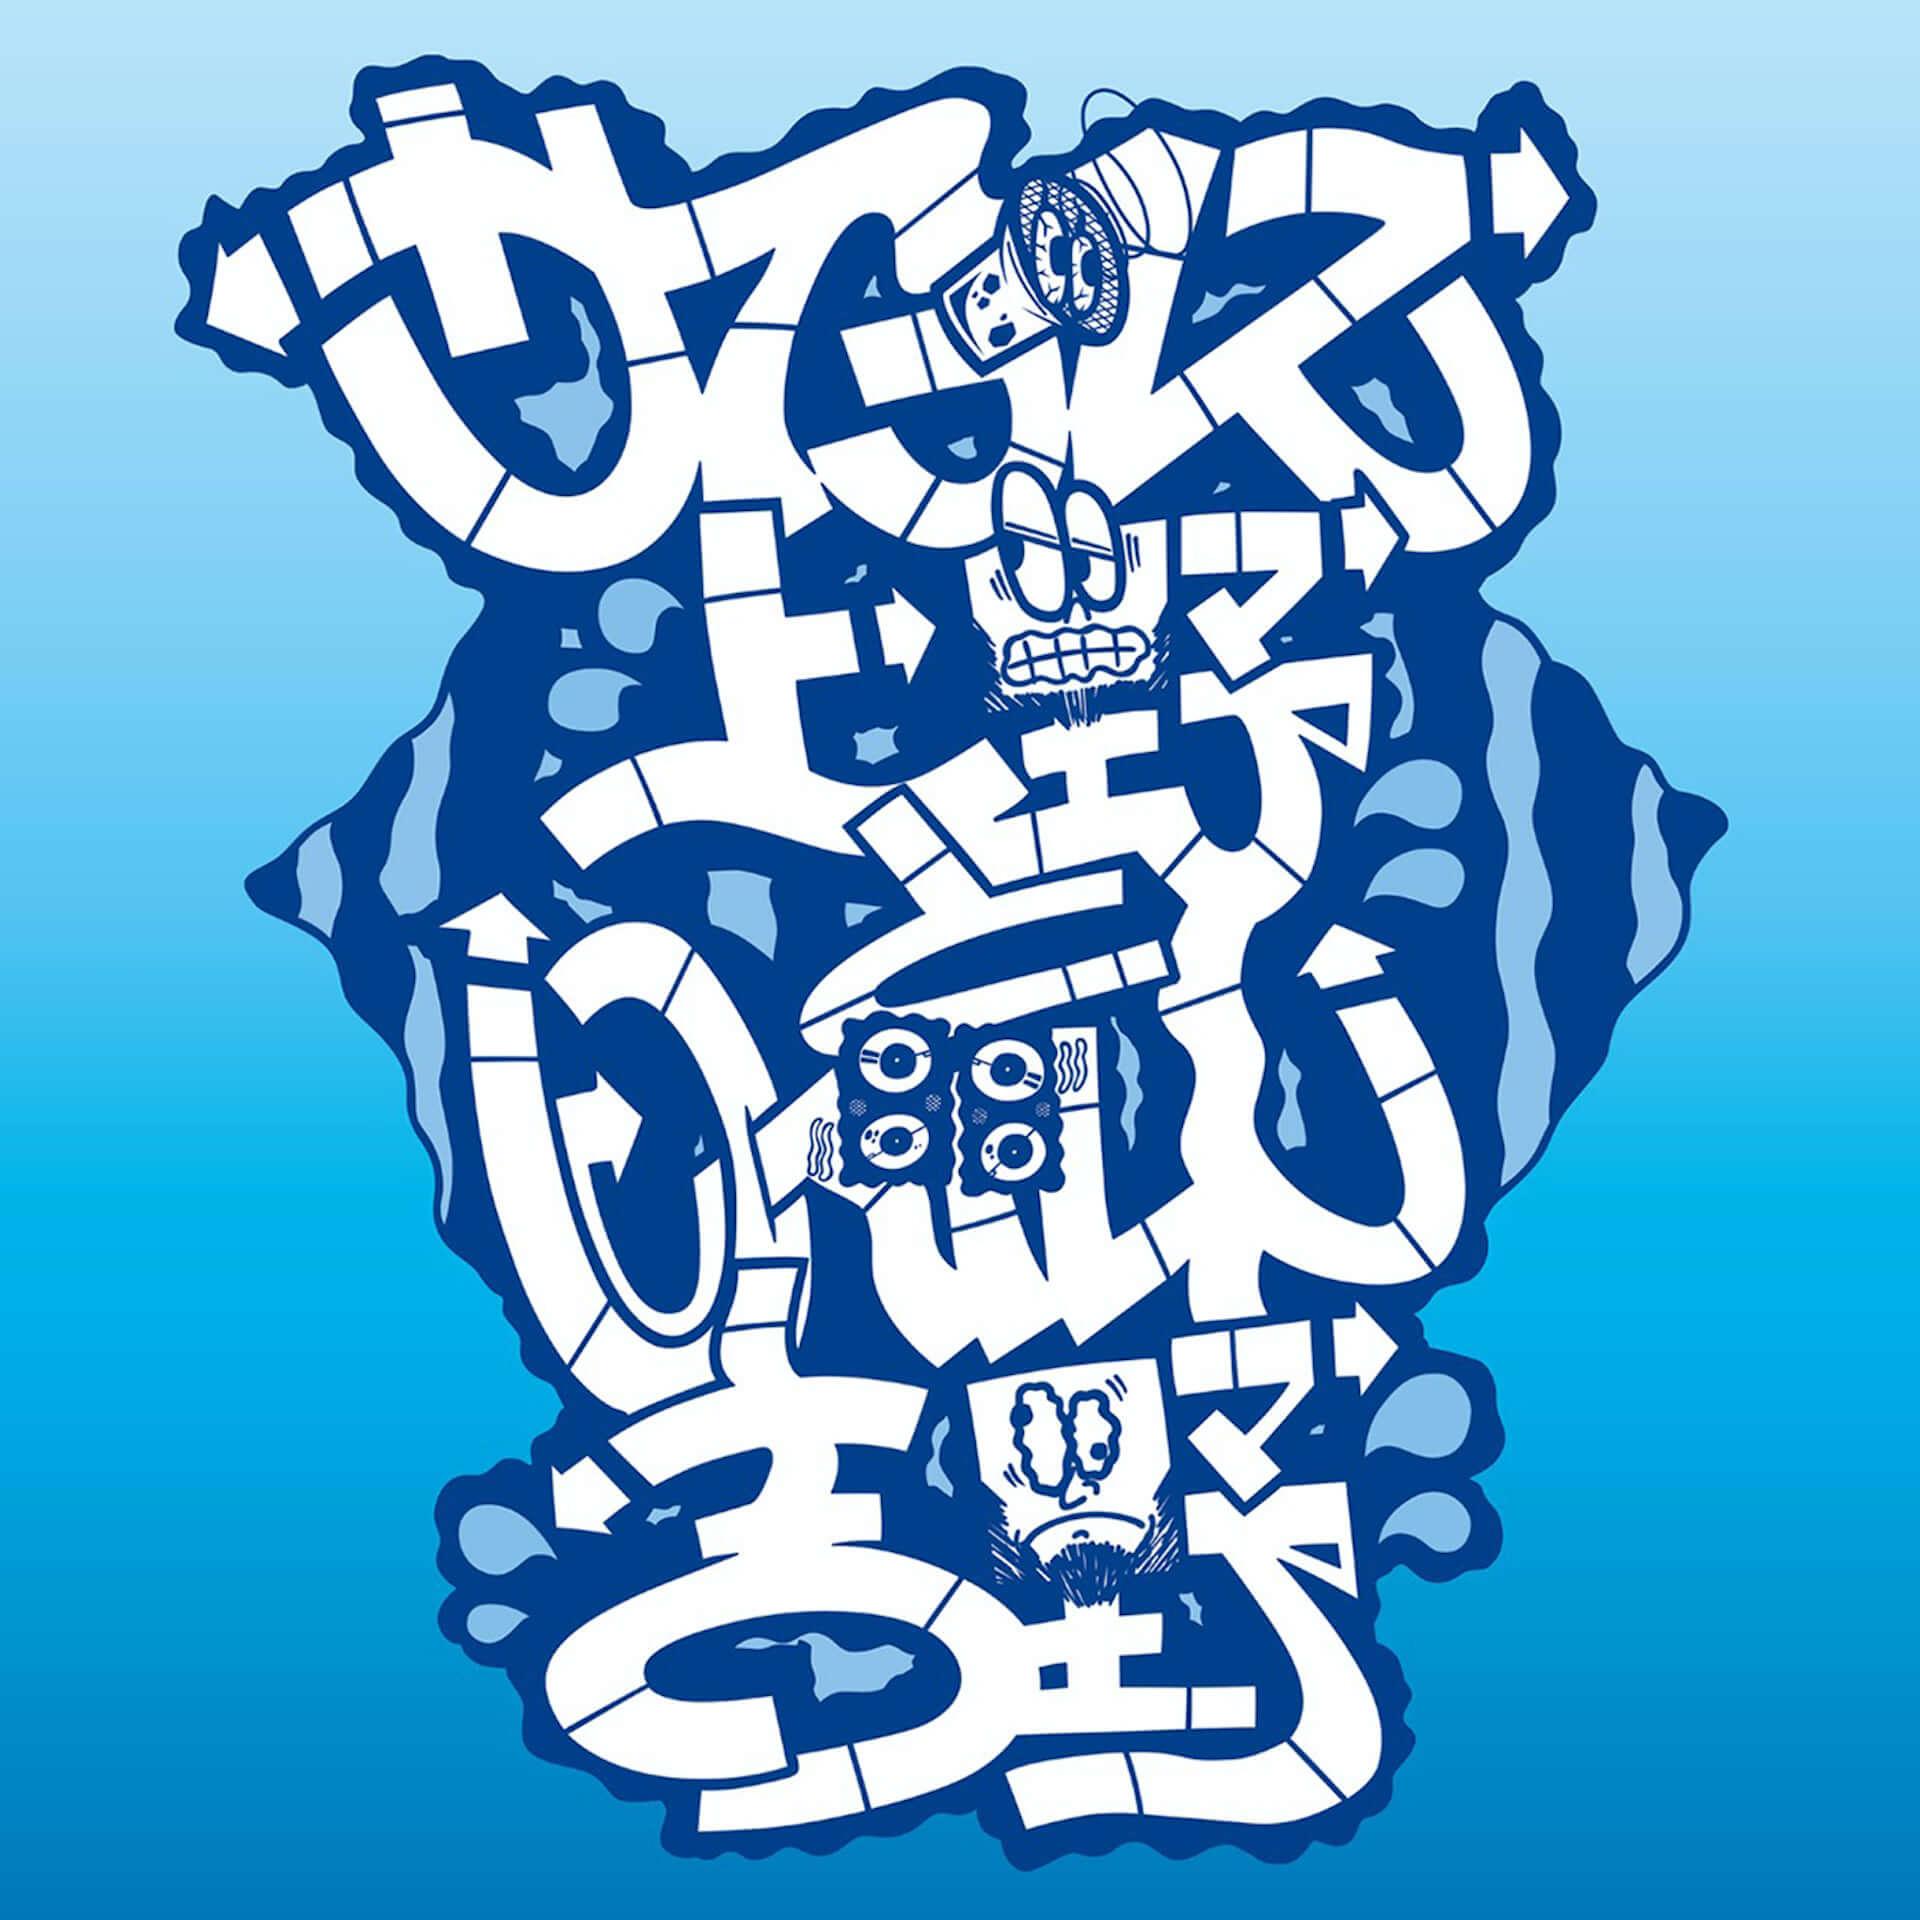 サイプレス上野とロベルト吉野が、地元横浜のレジェンドMighty CrownのSAMI-T、AISHAとのコラボ楽曲を先行配信! music200605_cypressueno_robertoyoshino_01-1920x1920